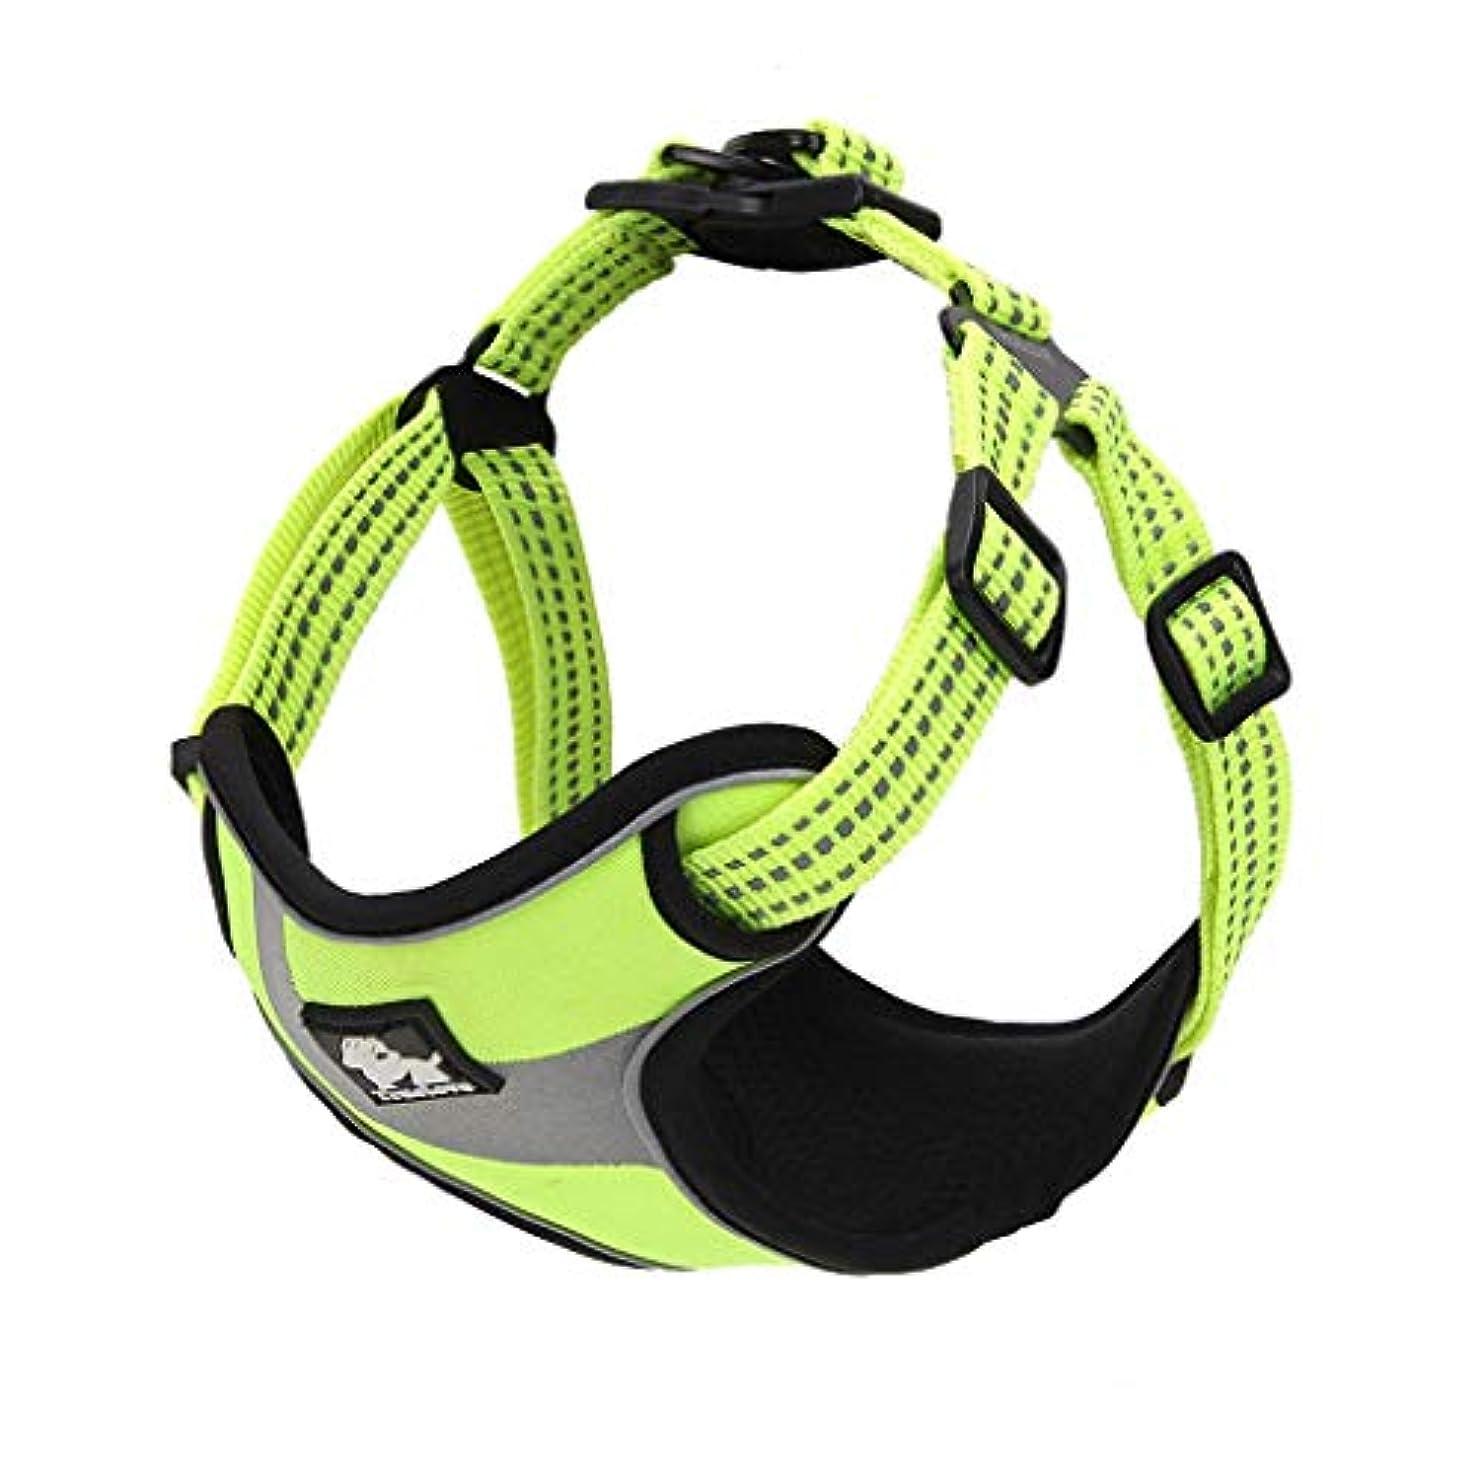 隣接するベース受粉者ペット胸の調節可能なストラップクリップ多機能 生地犬車ウォーキングベストストラップ屋外旅行多機能 生地でバックチェスト (色 : 緑, サイズ さいず : L l)